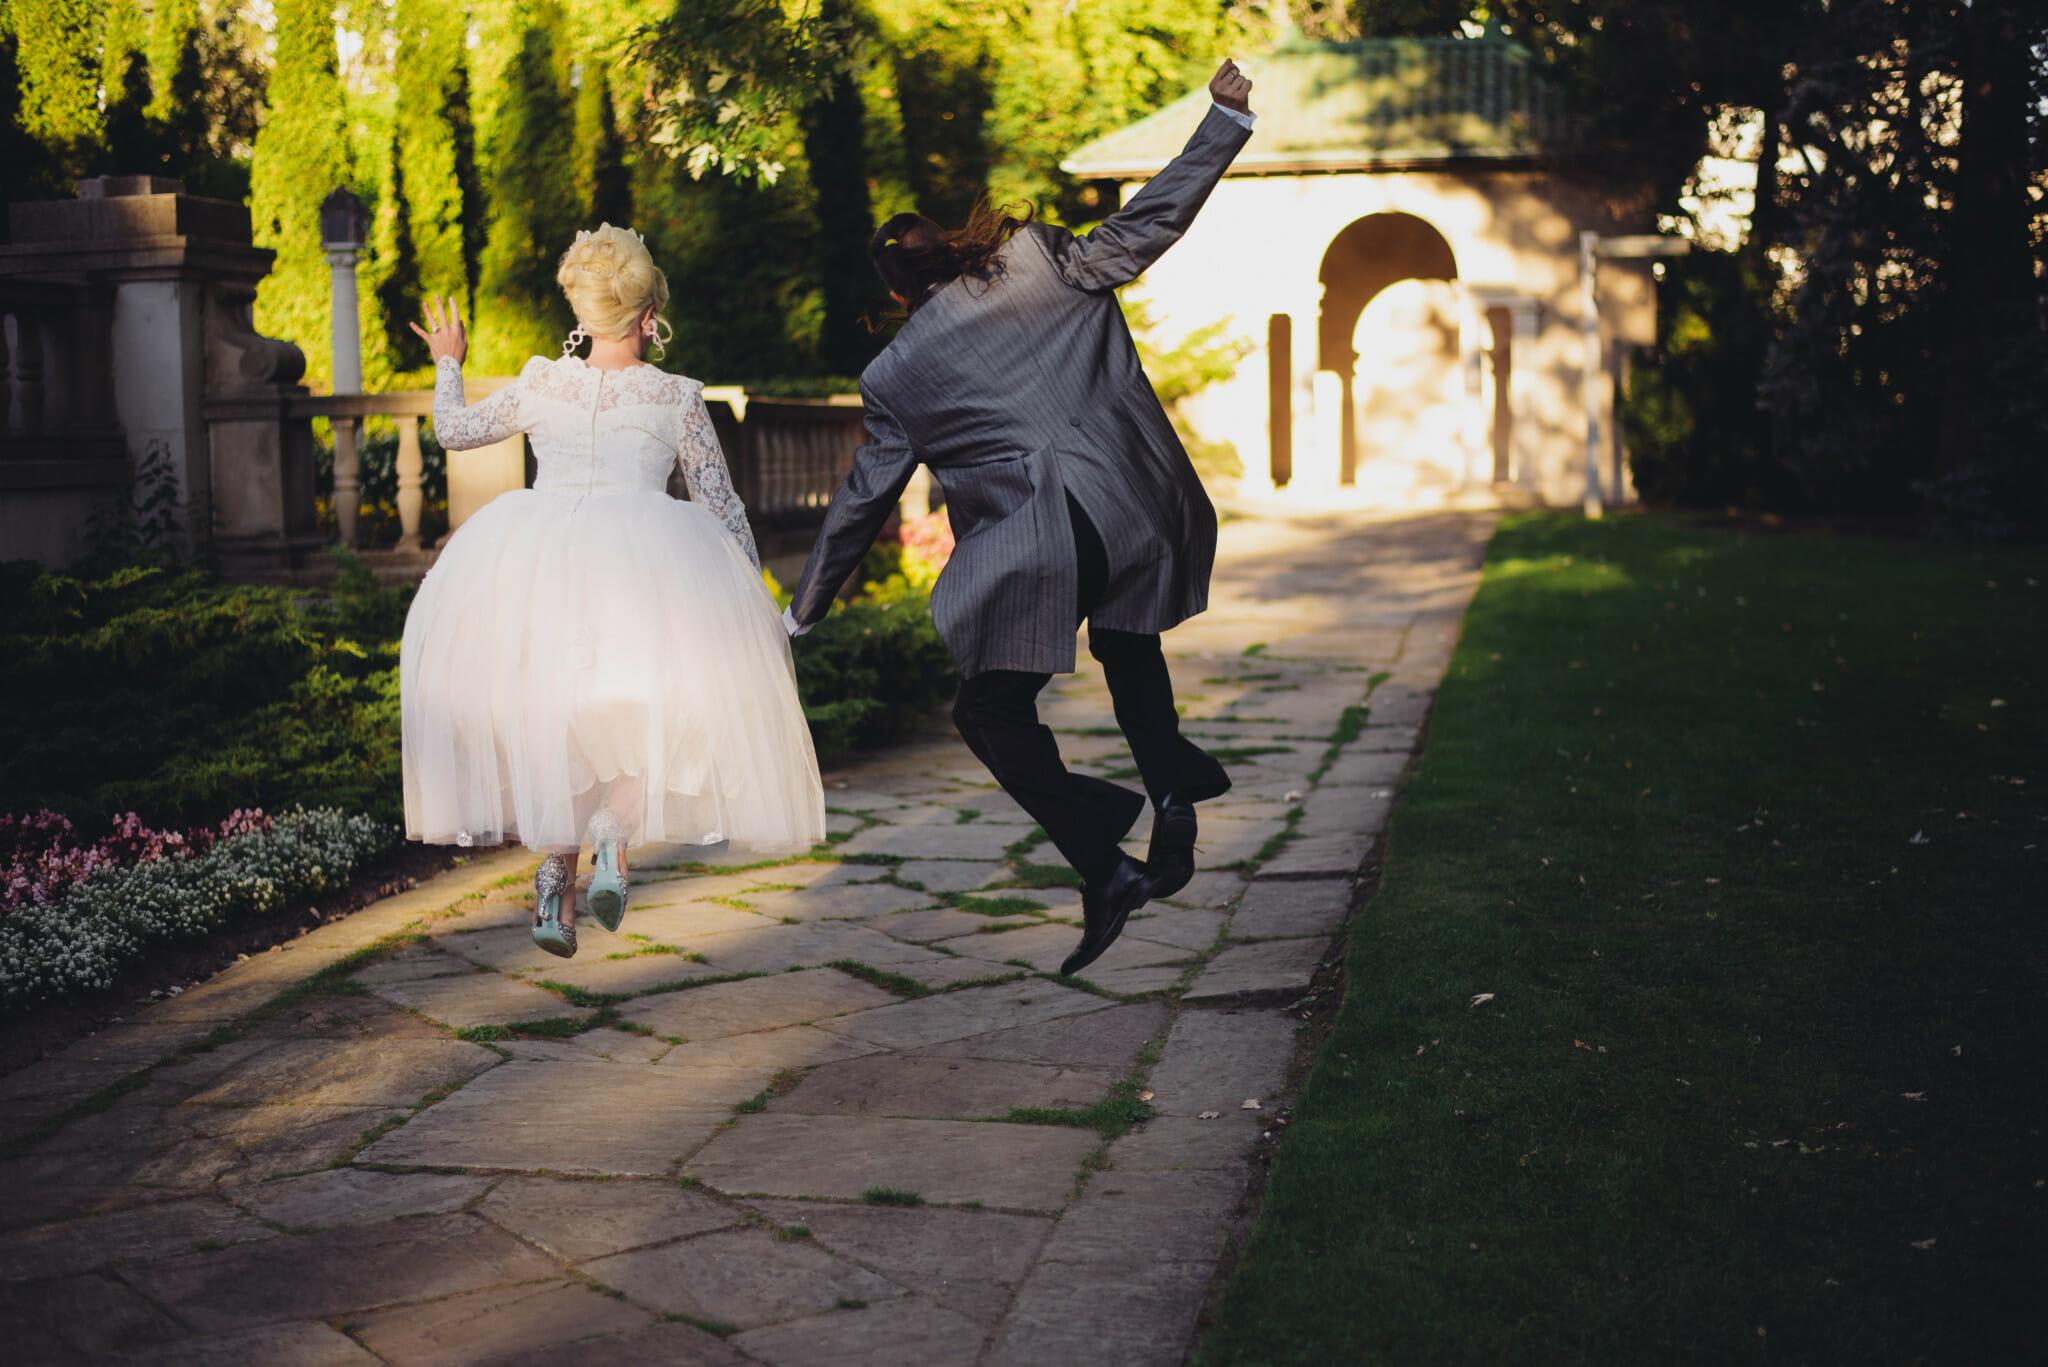 newlyweds jump for joy on parkwood property